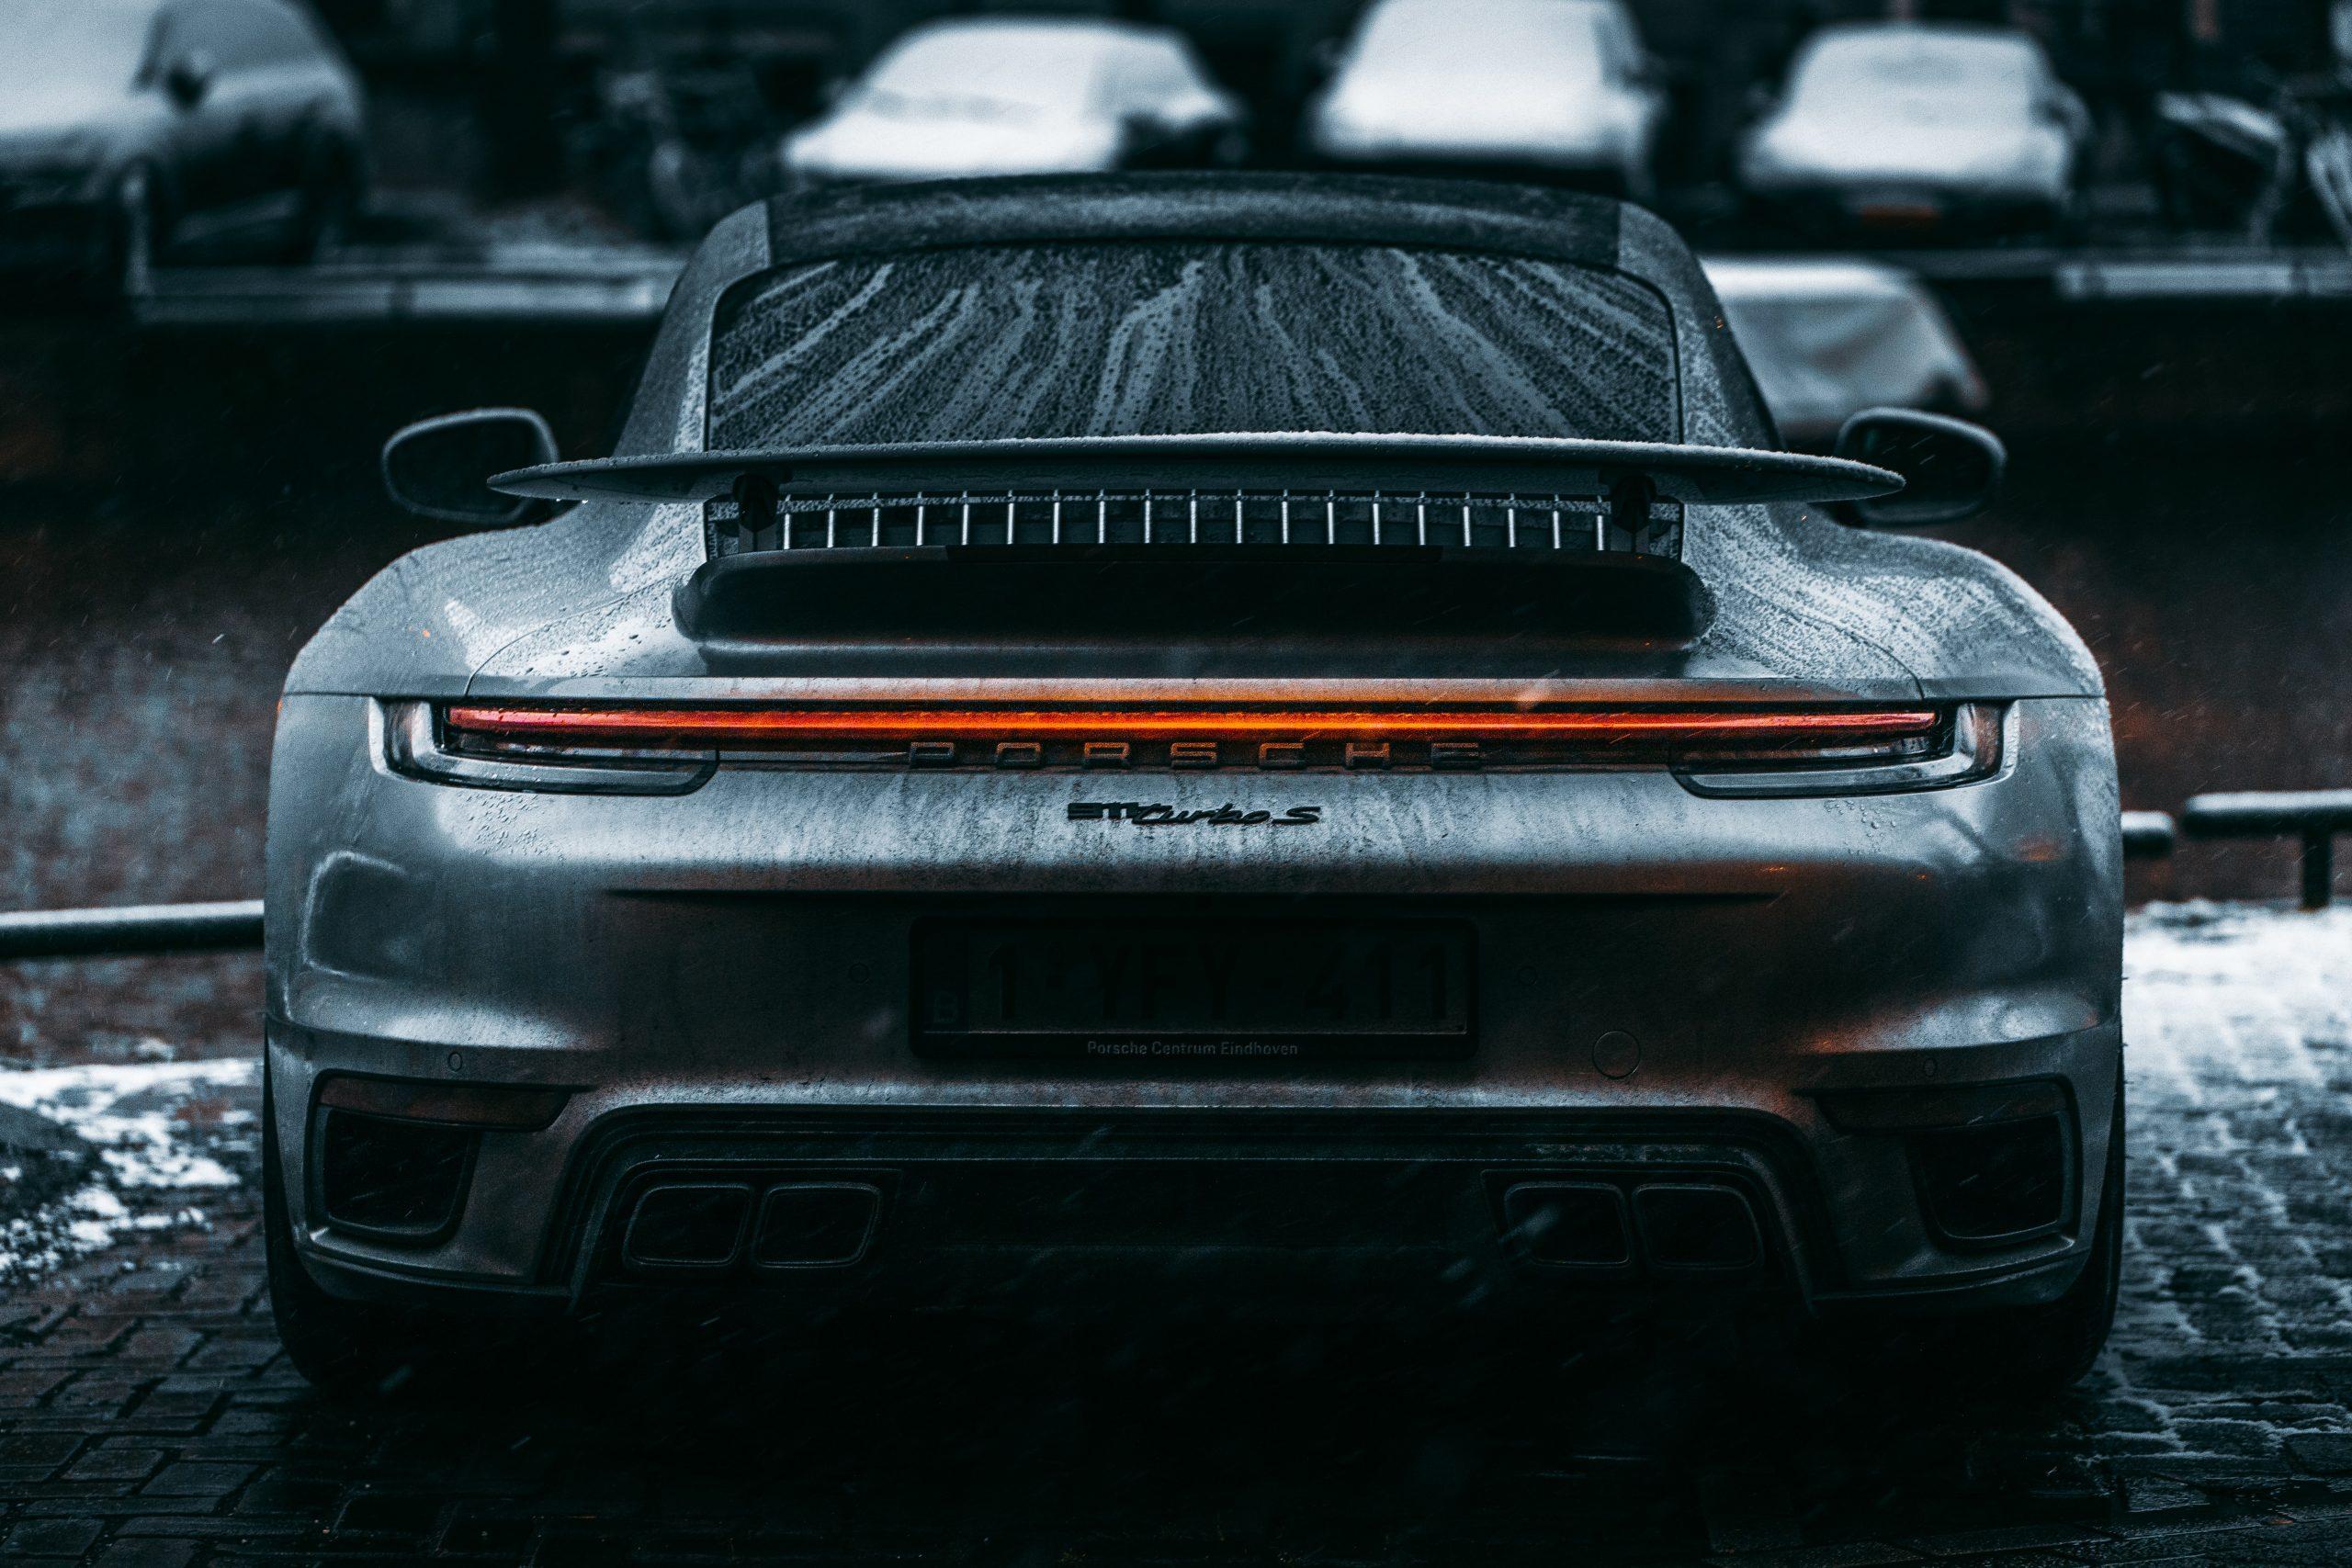 Acheter une voiture en Allemagne dans un garage2 scaled - Acheter une voiture en Allemagne dans un garage